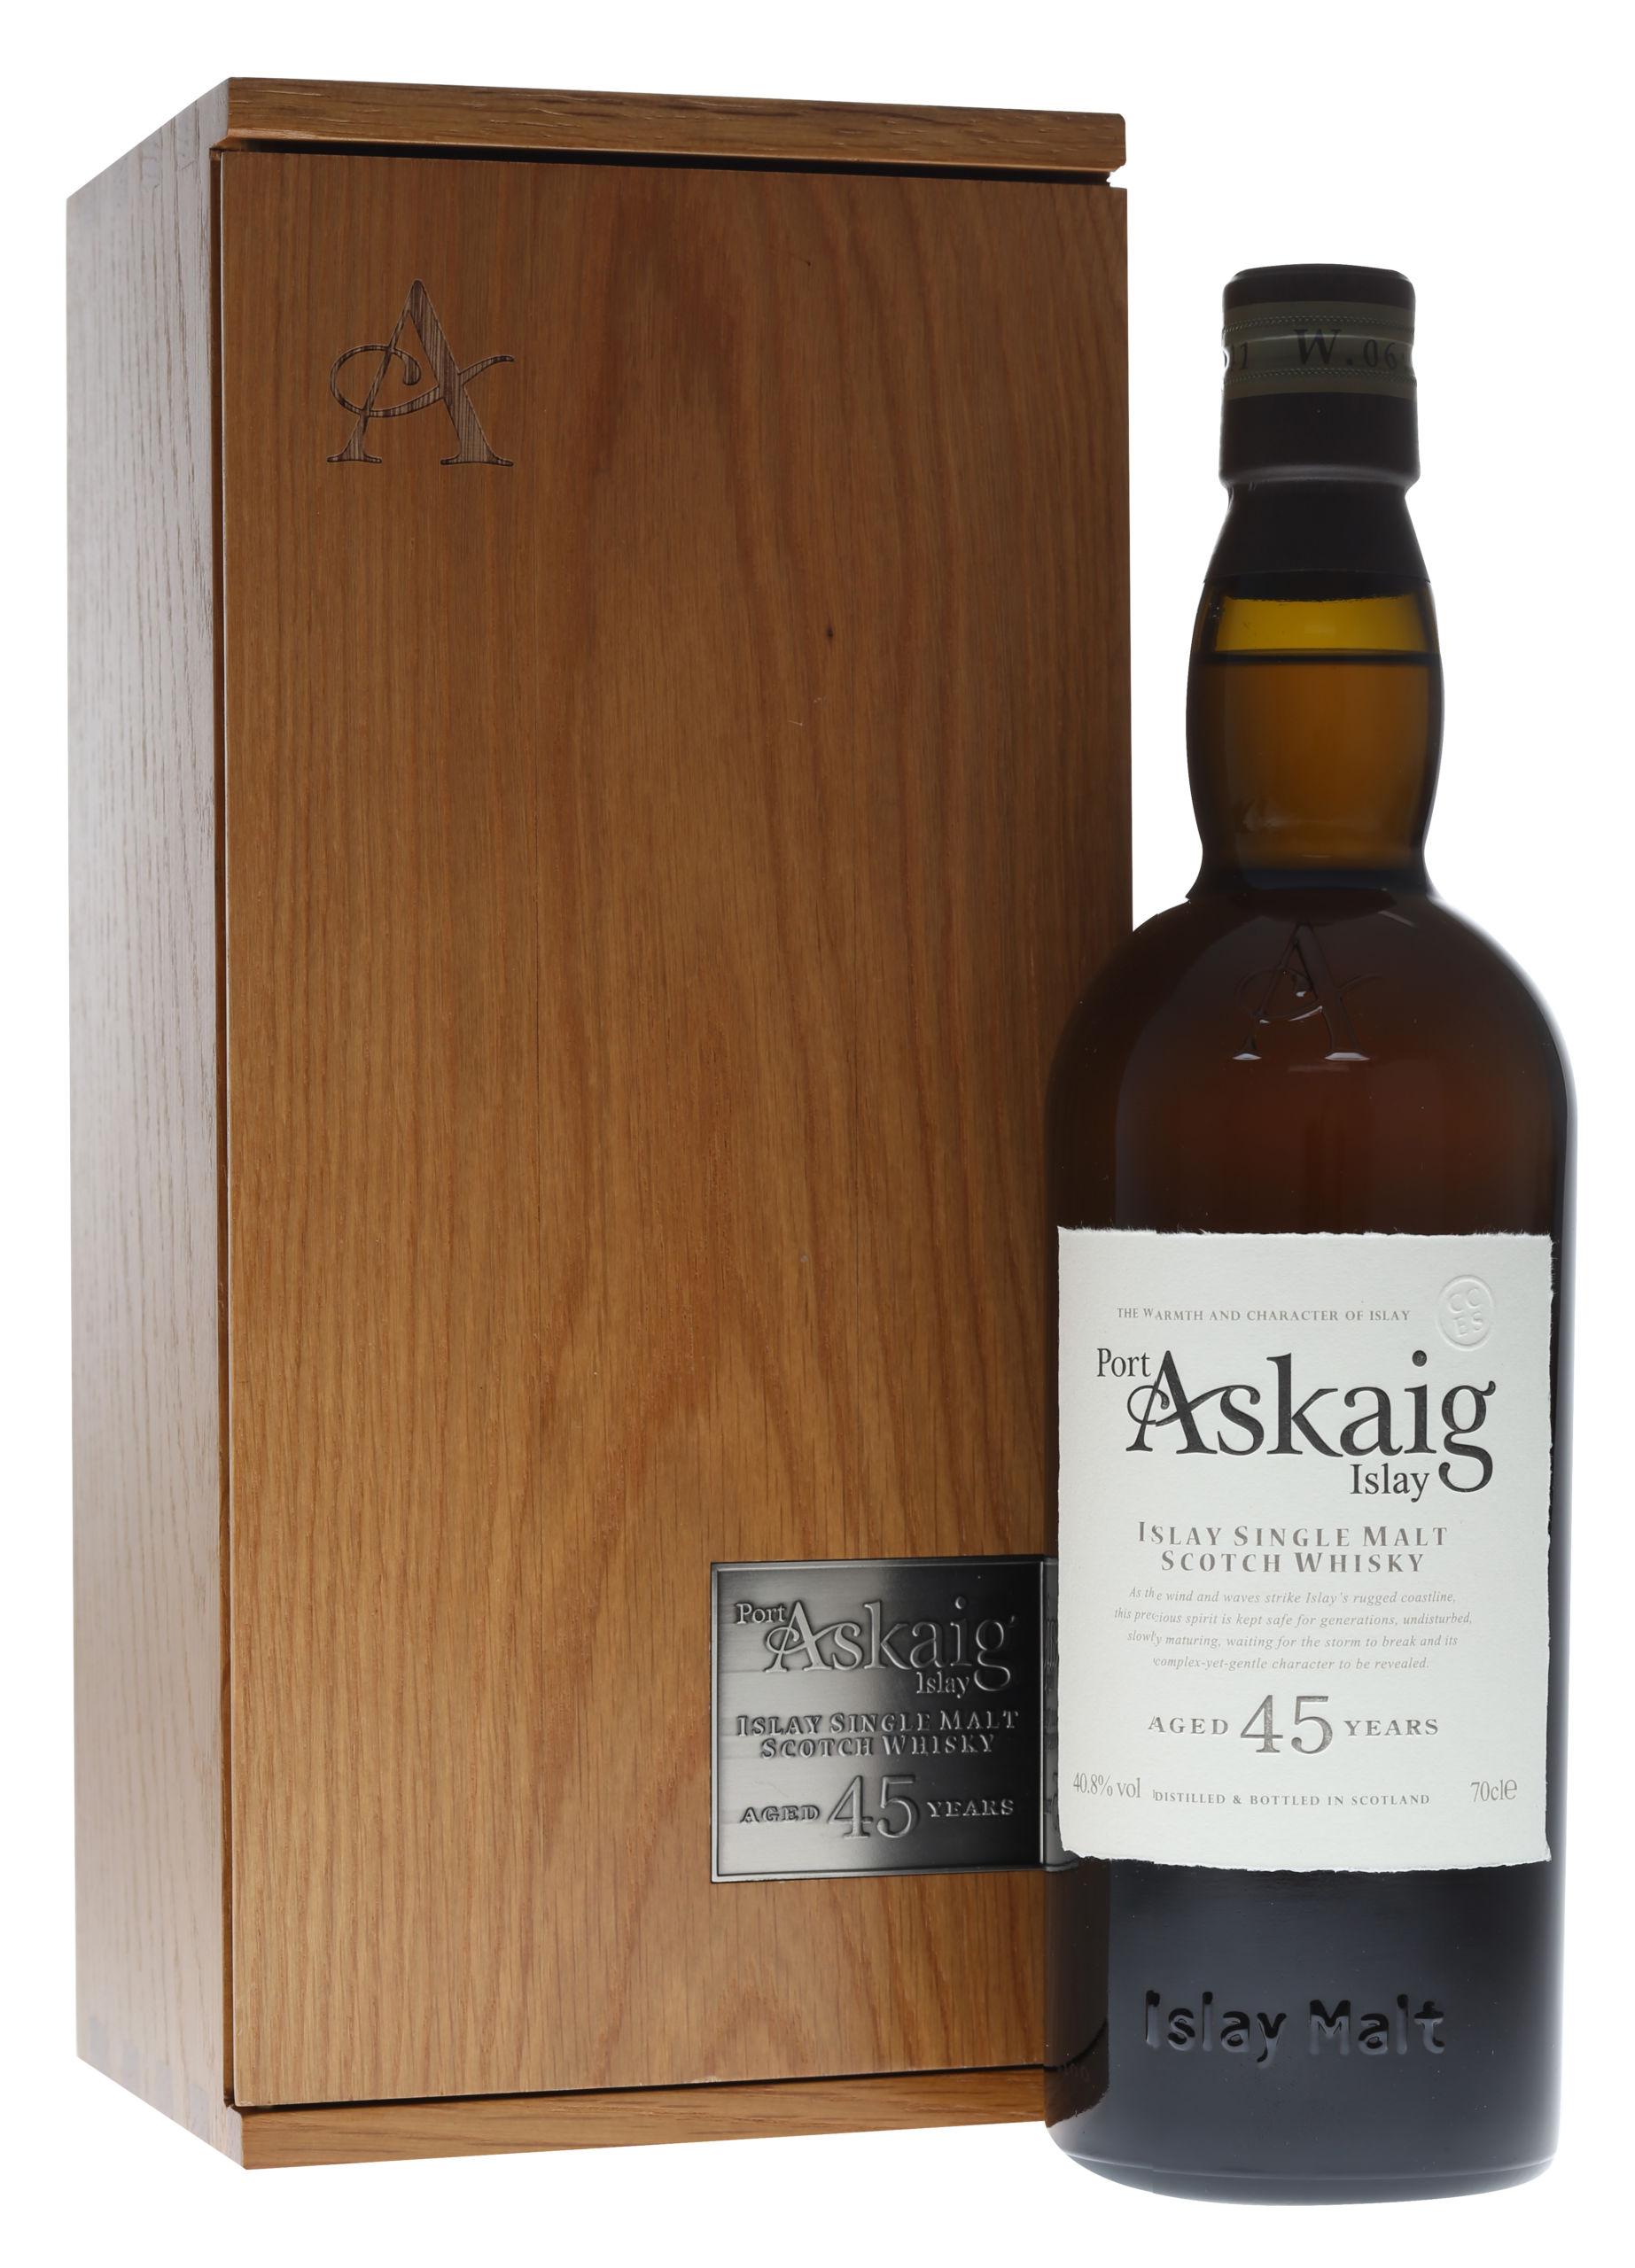 Port Askaig 45-year-old